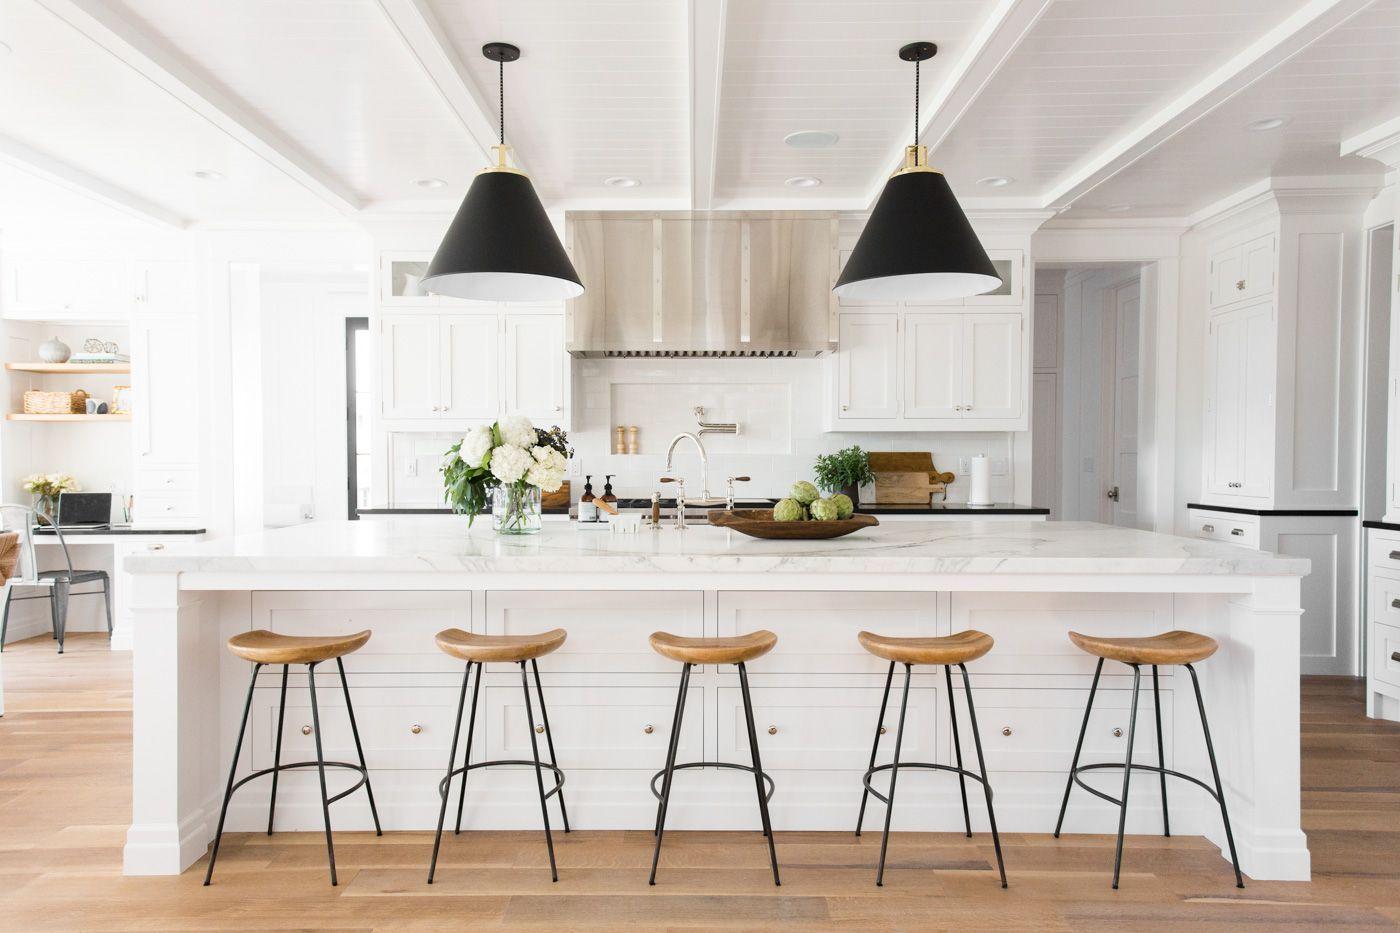 Cocina de estilo mid century moderno en blanco y negro